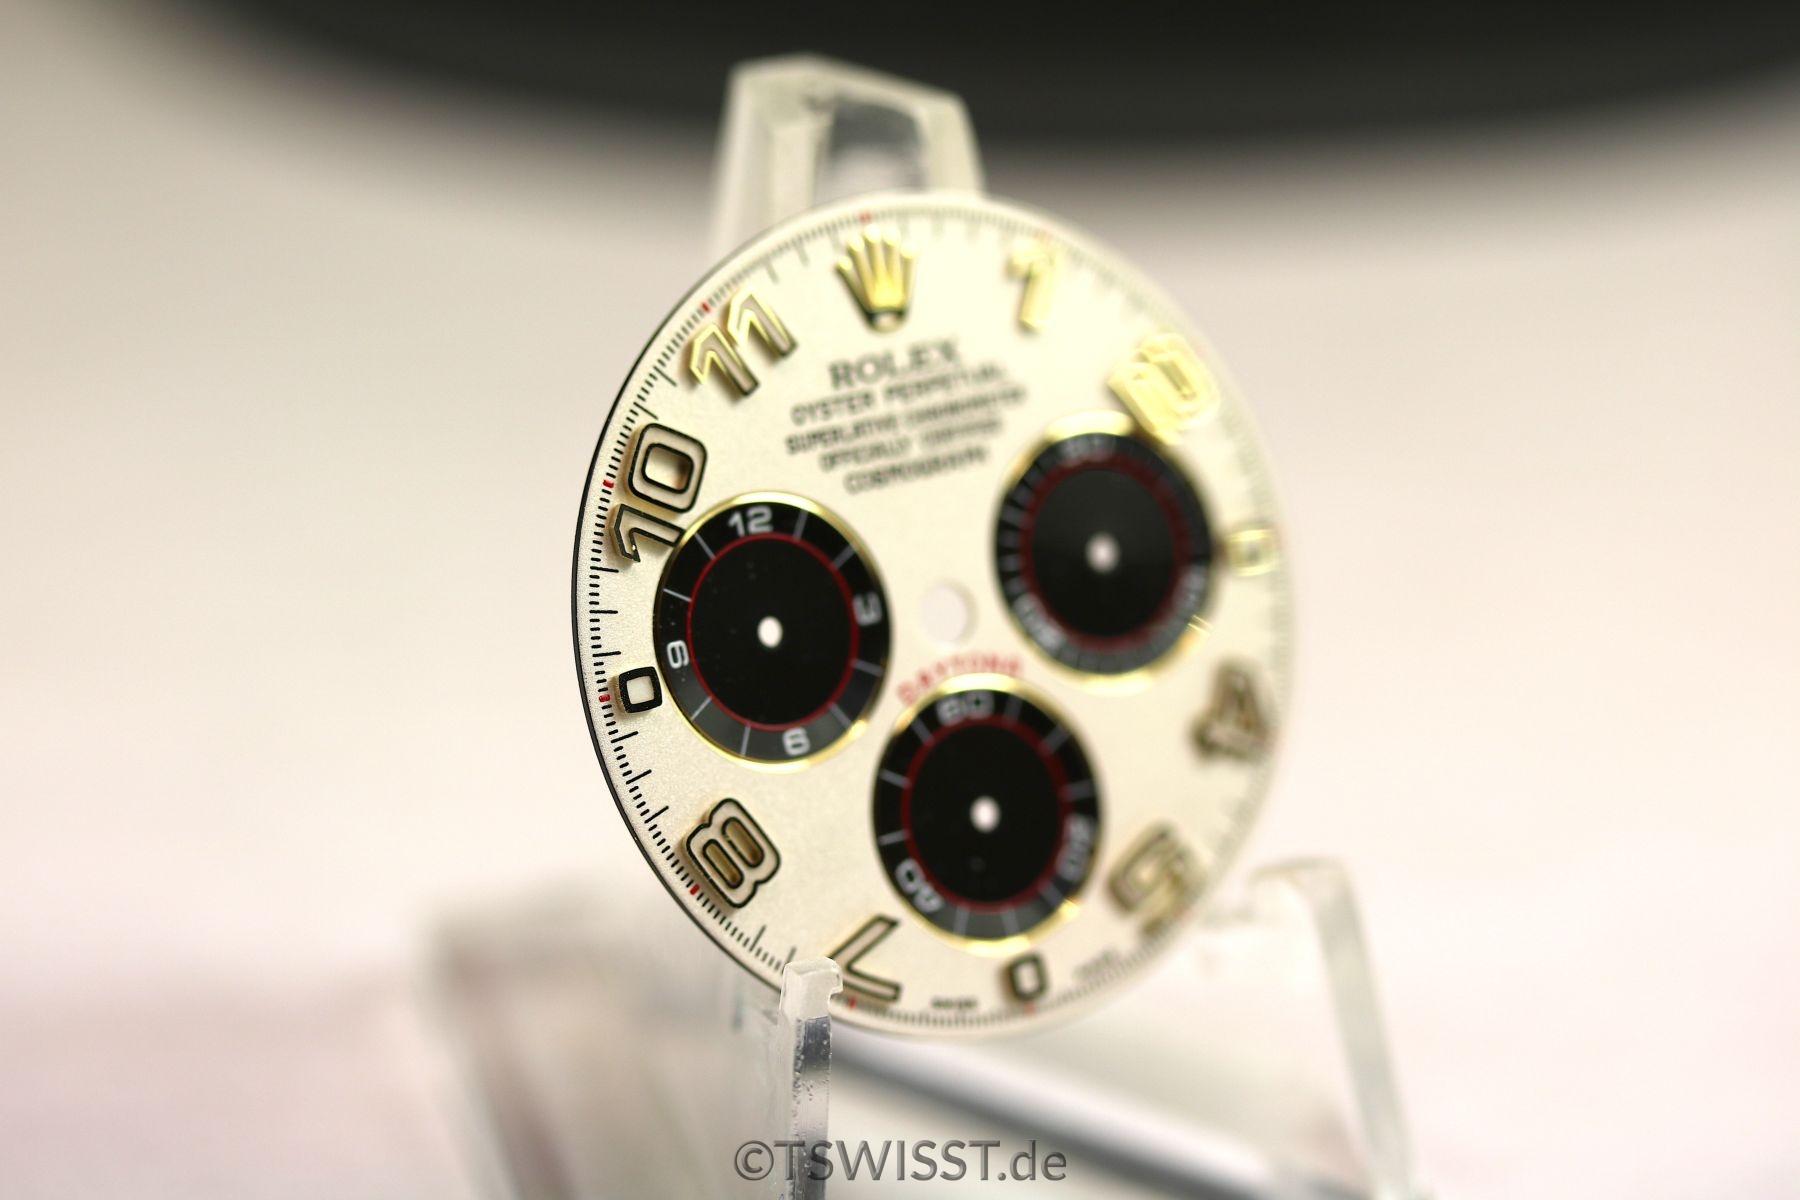 NOS Rolex racing dial incl. hands